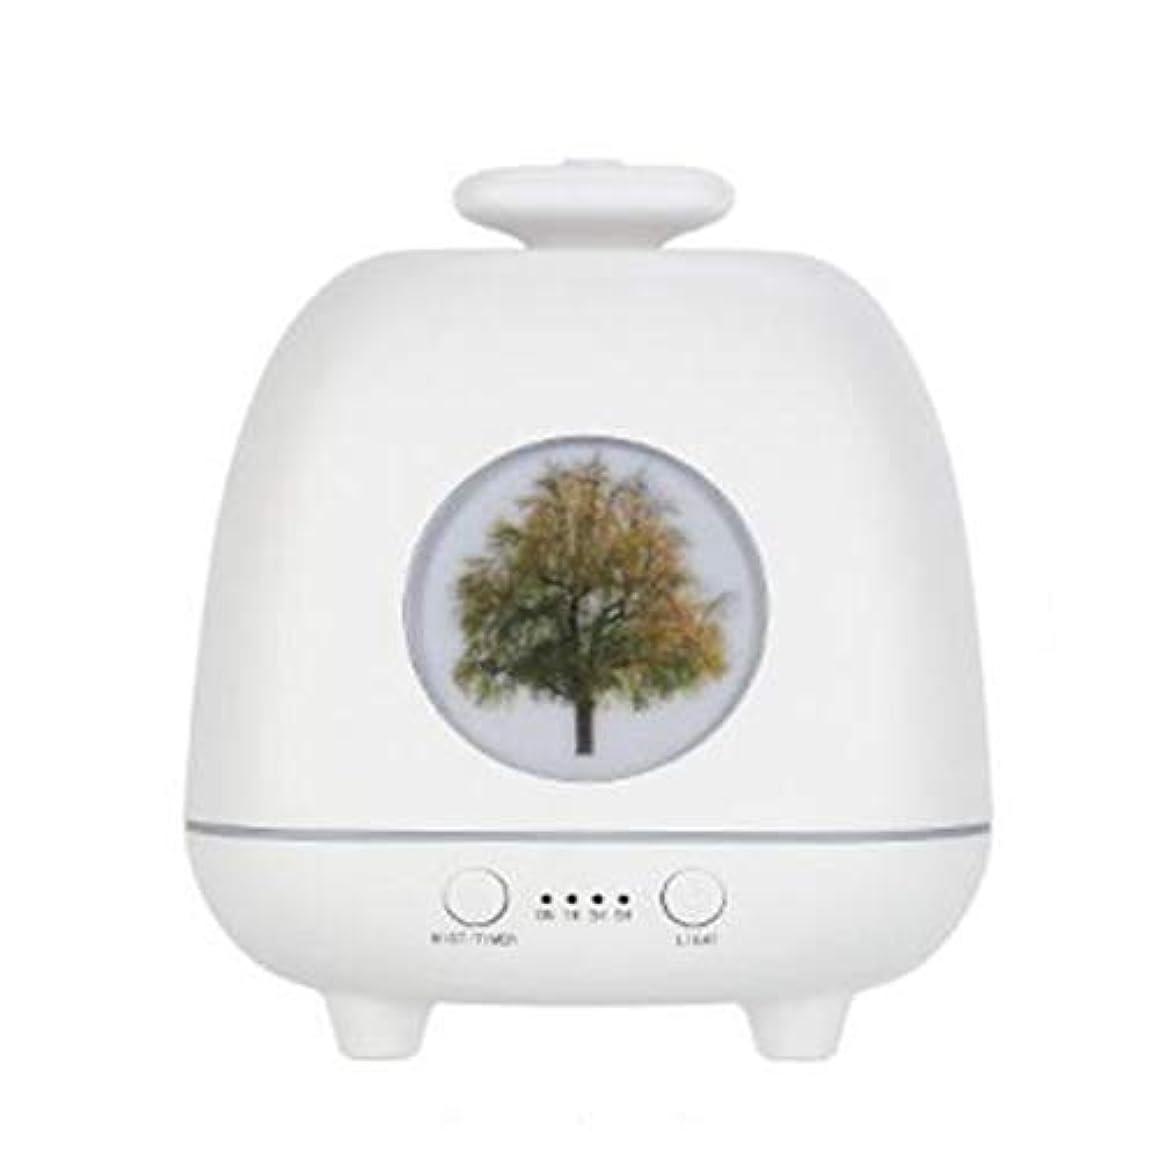 見せます照らすレタス涼しい霧 香り 精油 ディフューザー,7 色 空気を浄化 4穴ノズル 加湿器 時間 加湿機 ホーム Yoga デスク オフィス ベッド- 230ml